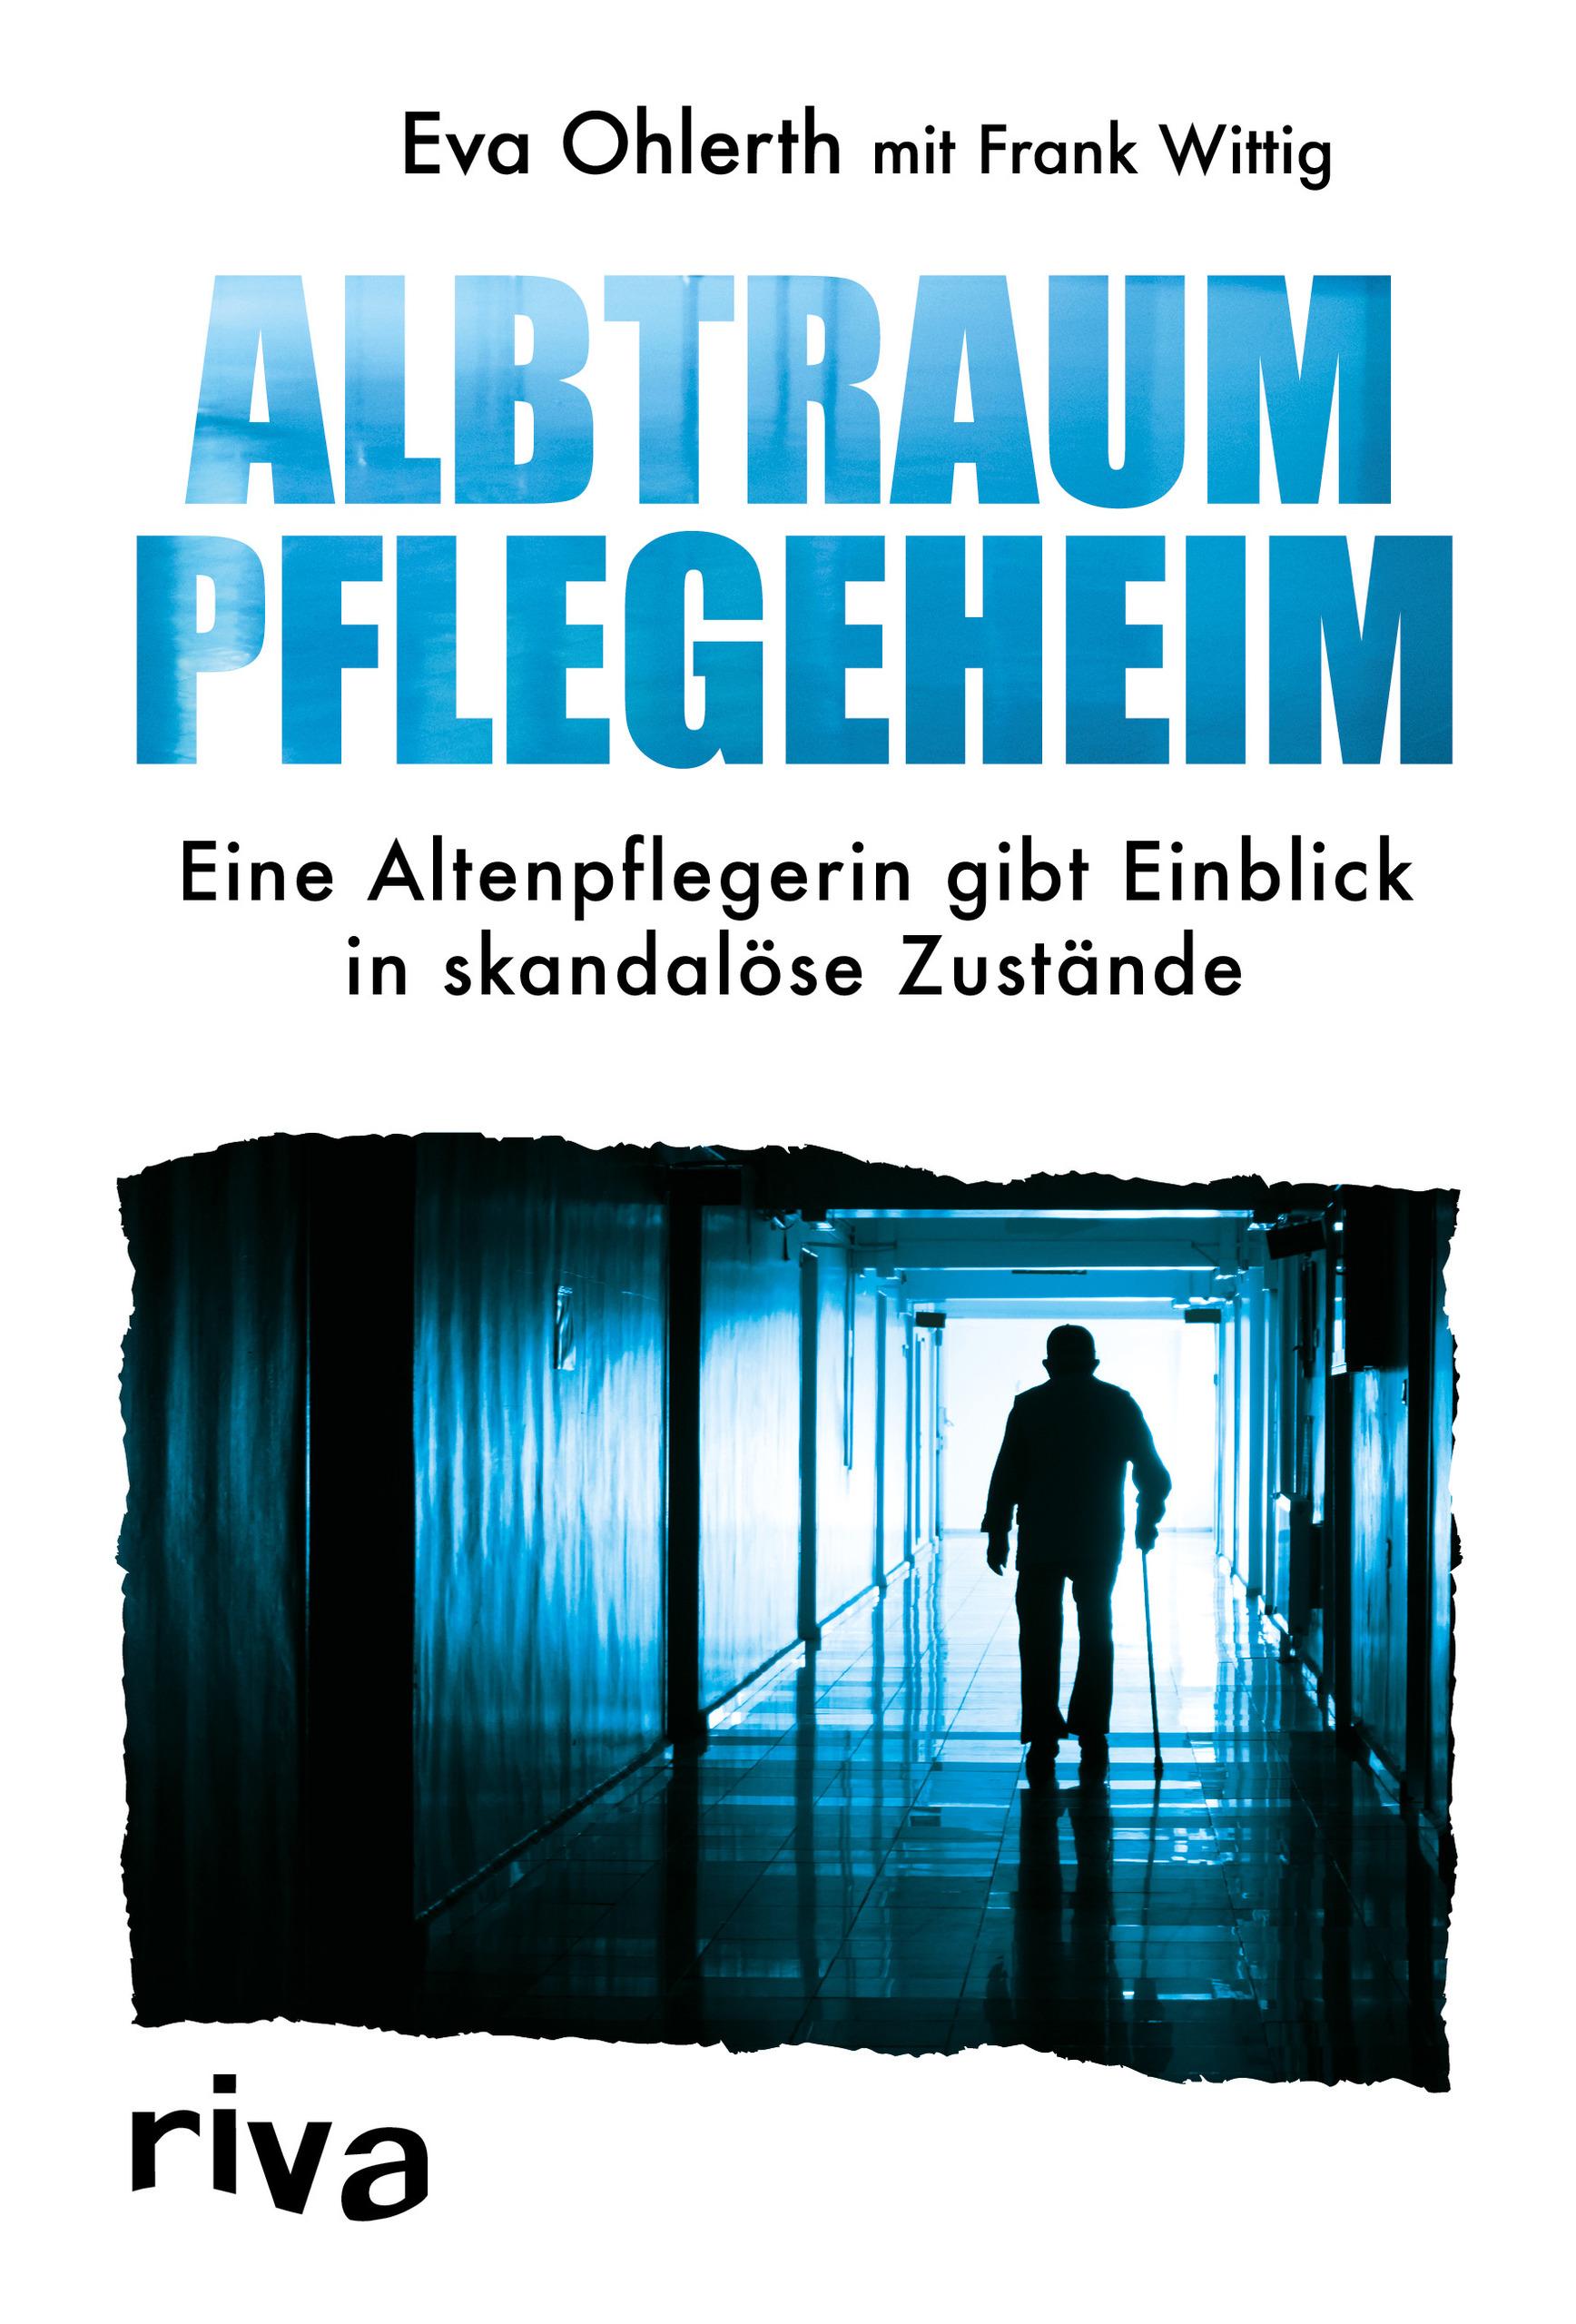 Albtraum Pflegeheim von Eva Ohlerth und Frank Wittig©rivaverlag.de